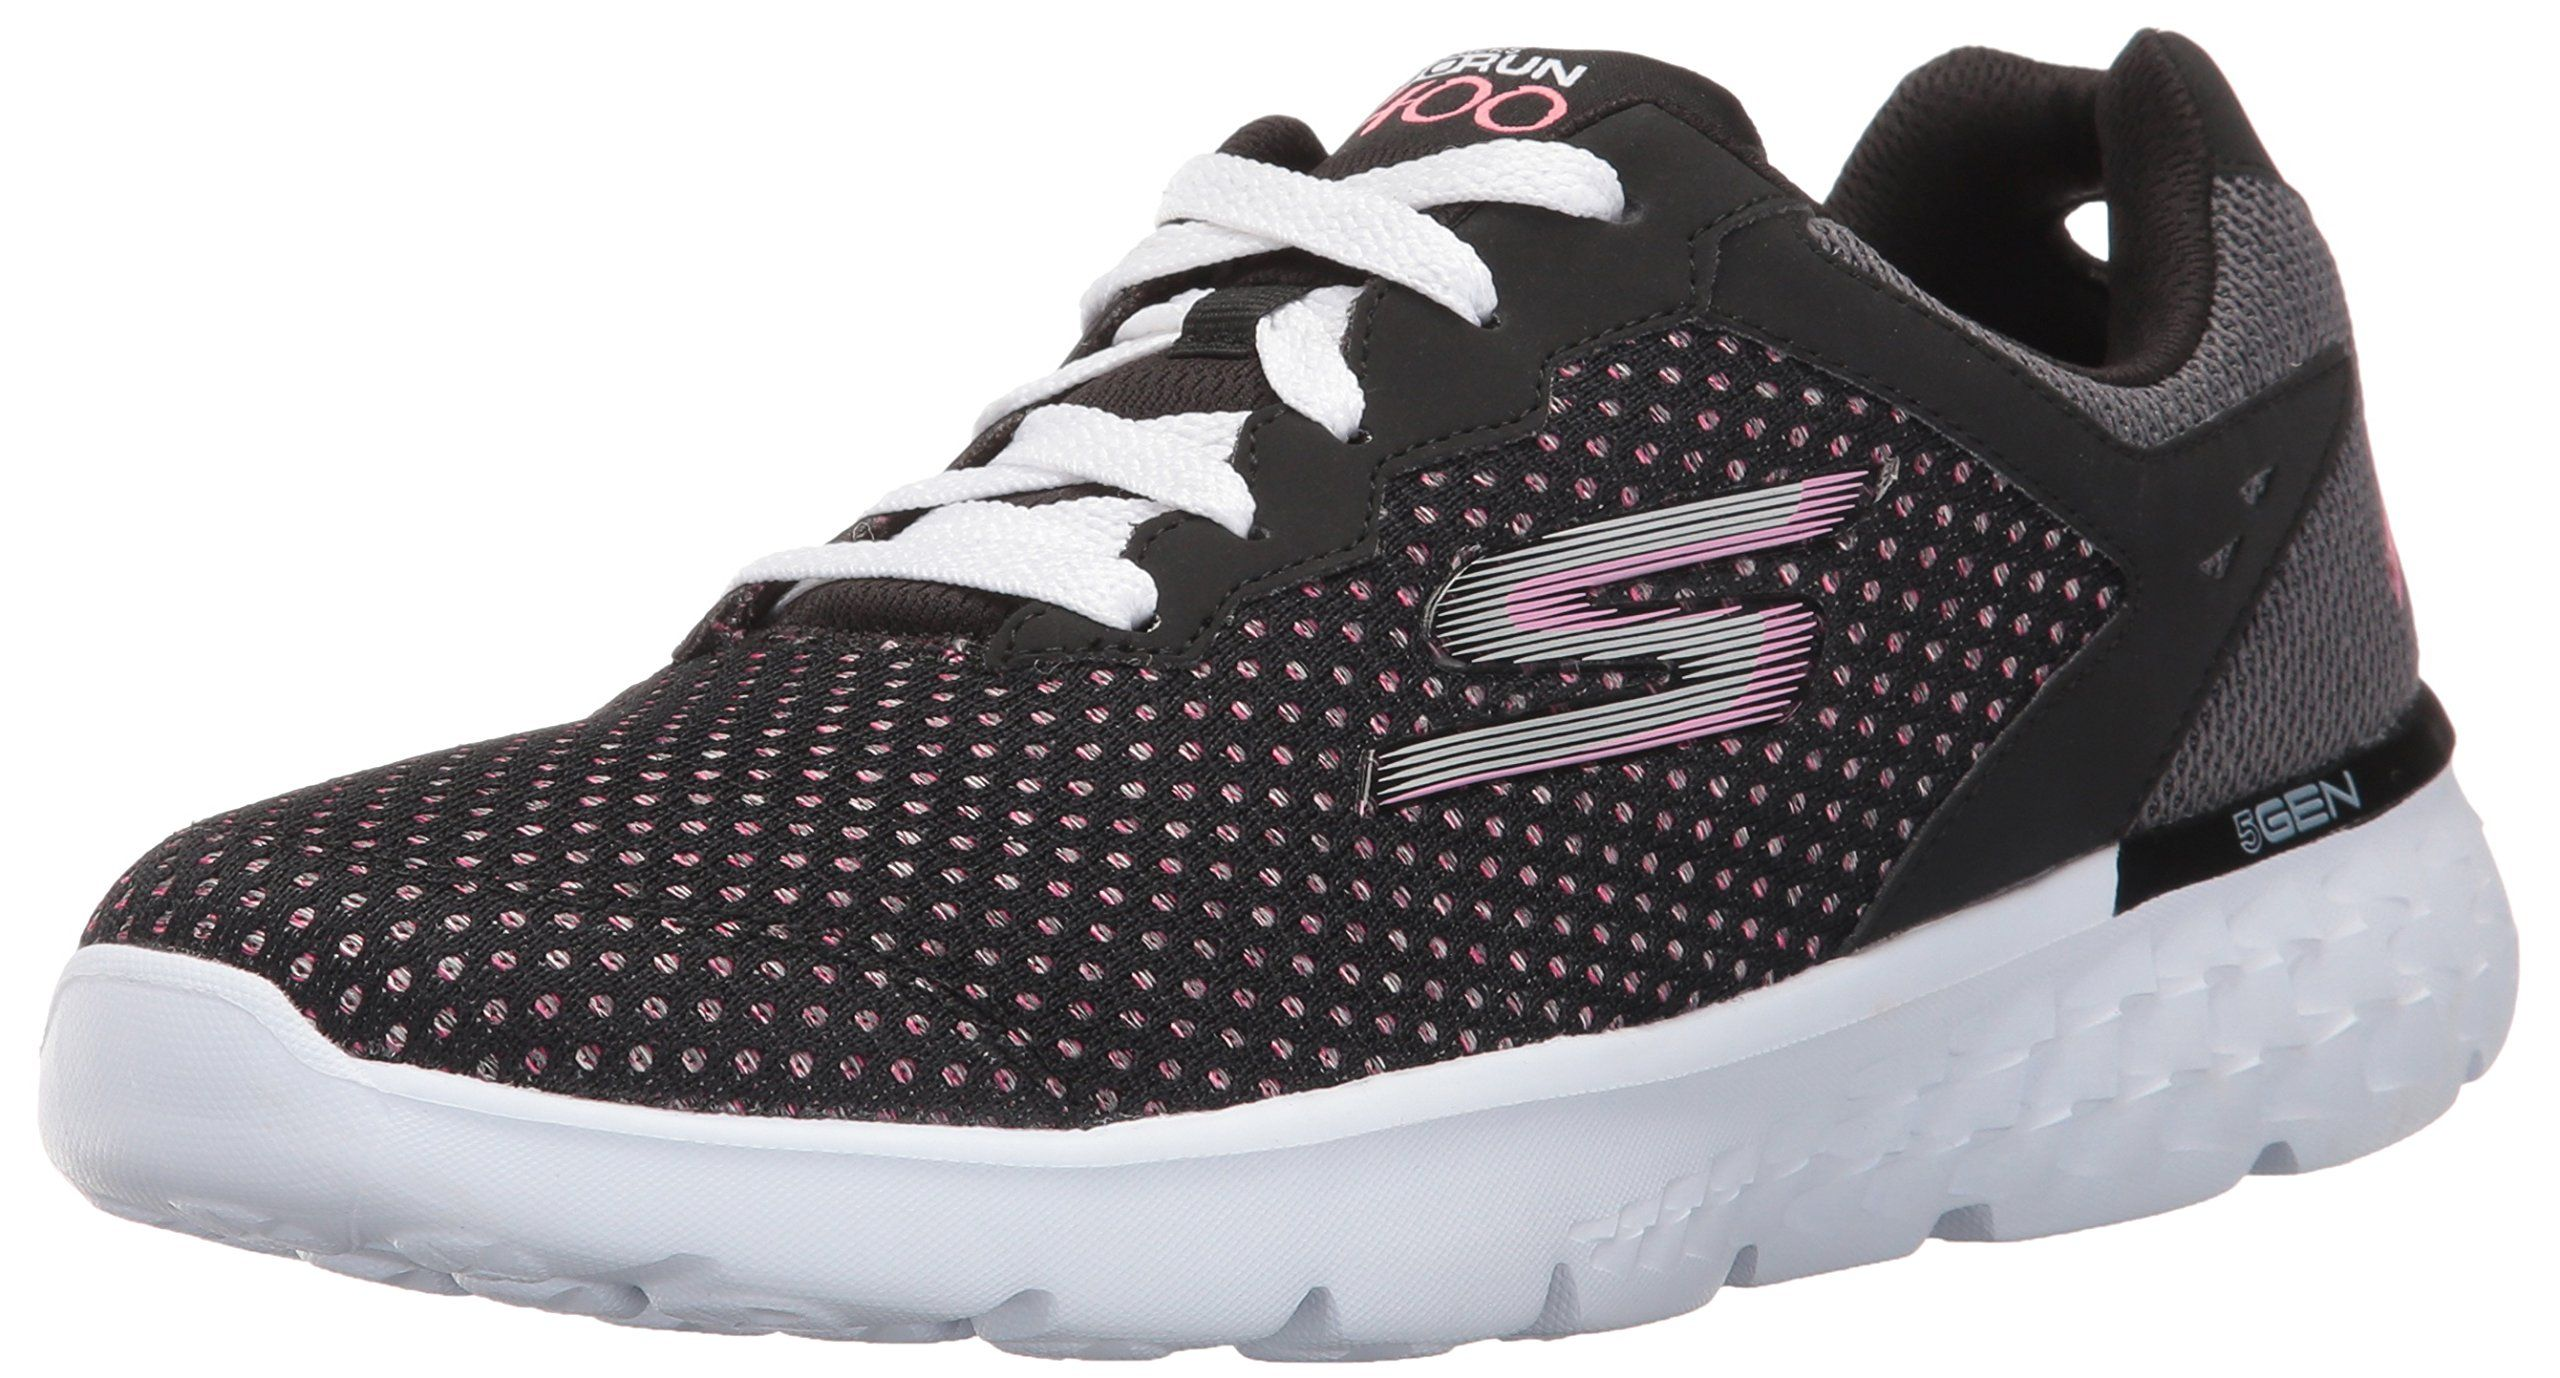 a96995f803d867 Skechers Performance Women s Go Run 400 Empower Running Shoe